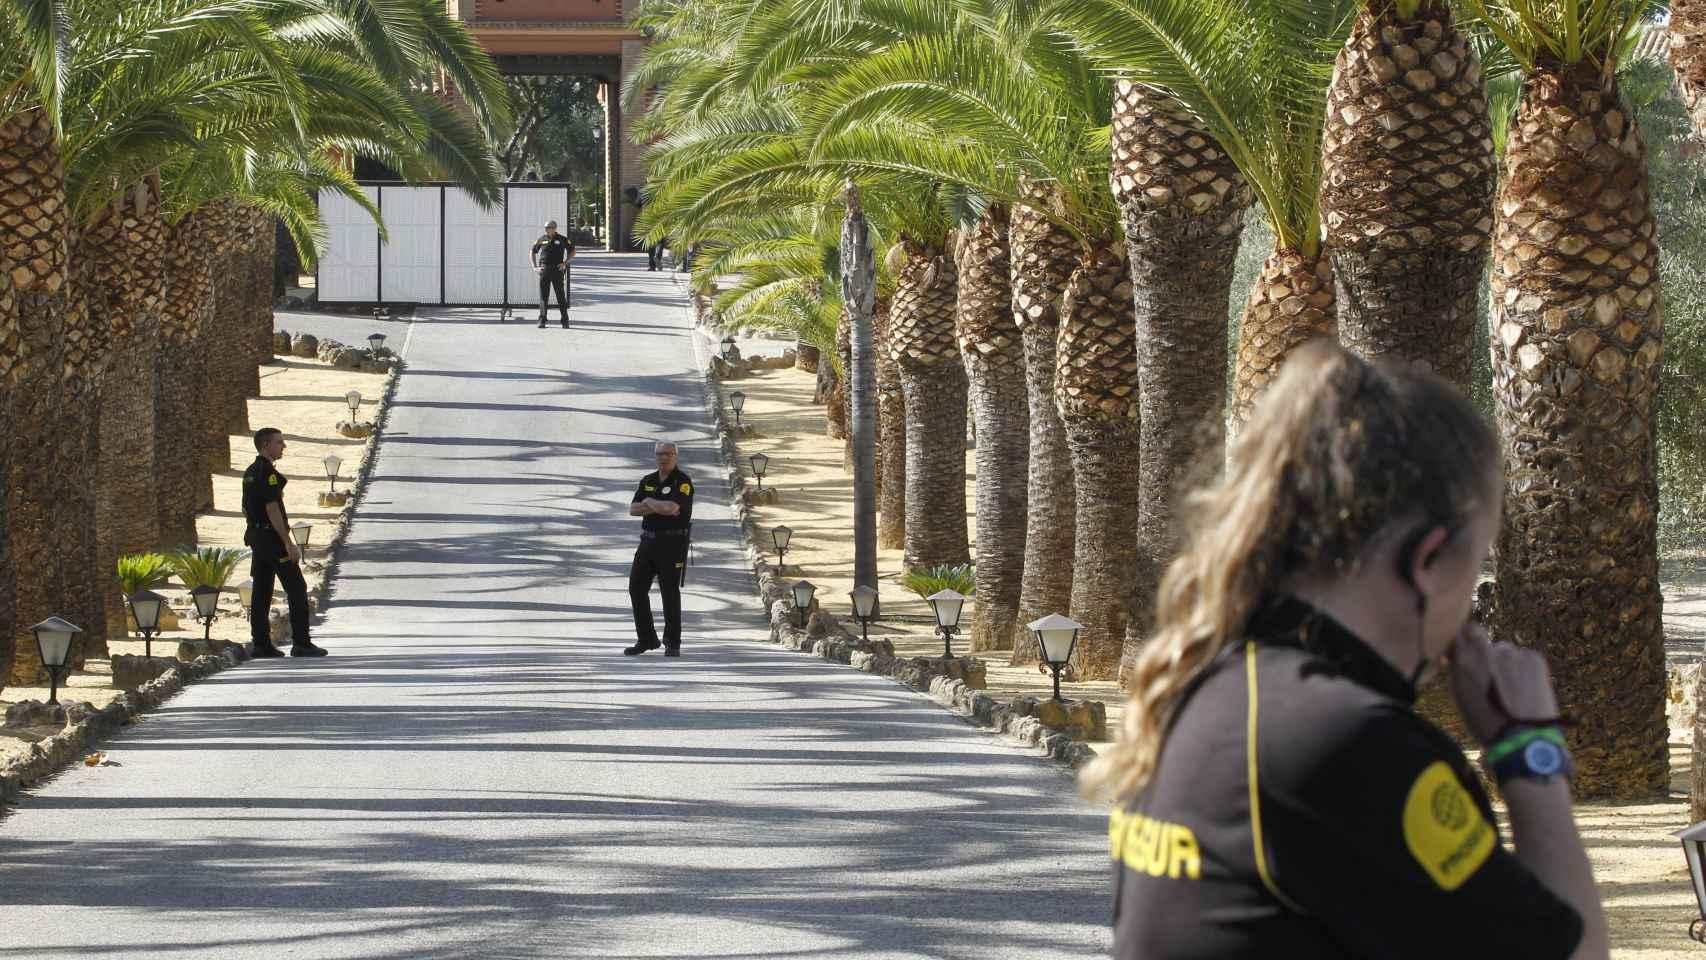 El personal de seguridad vigila todo el perímetro de la finca